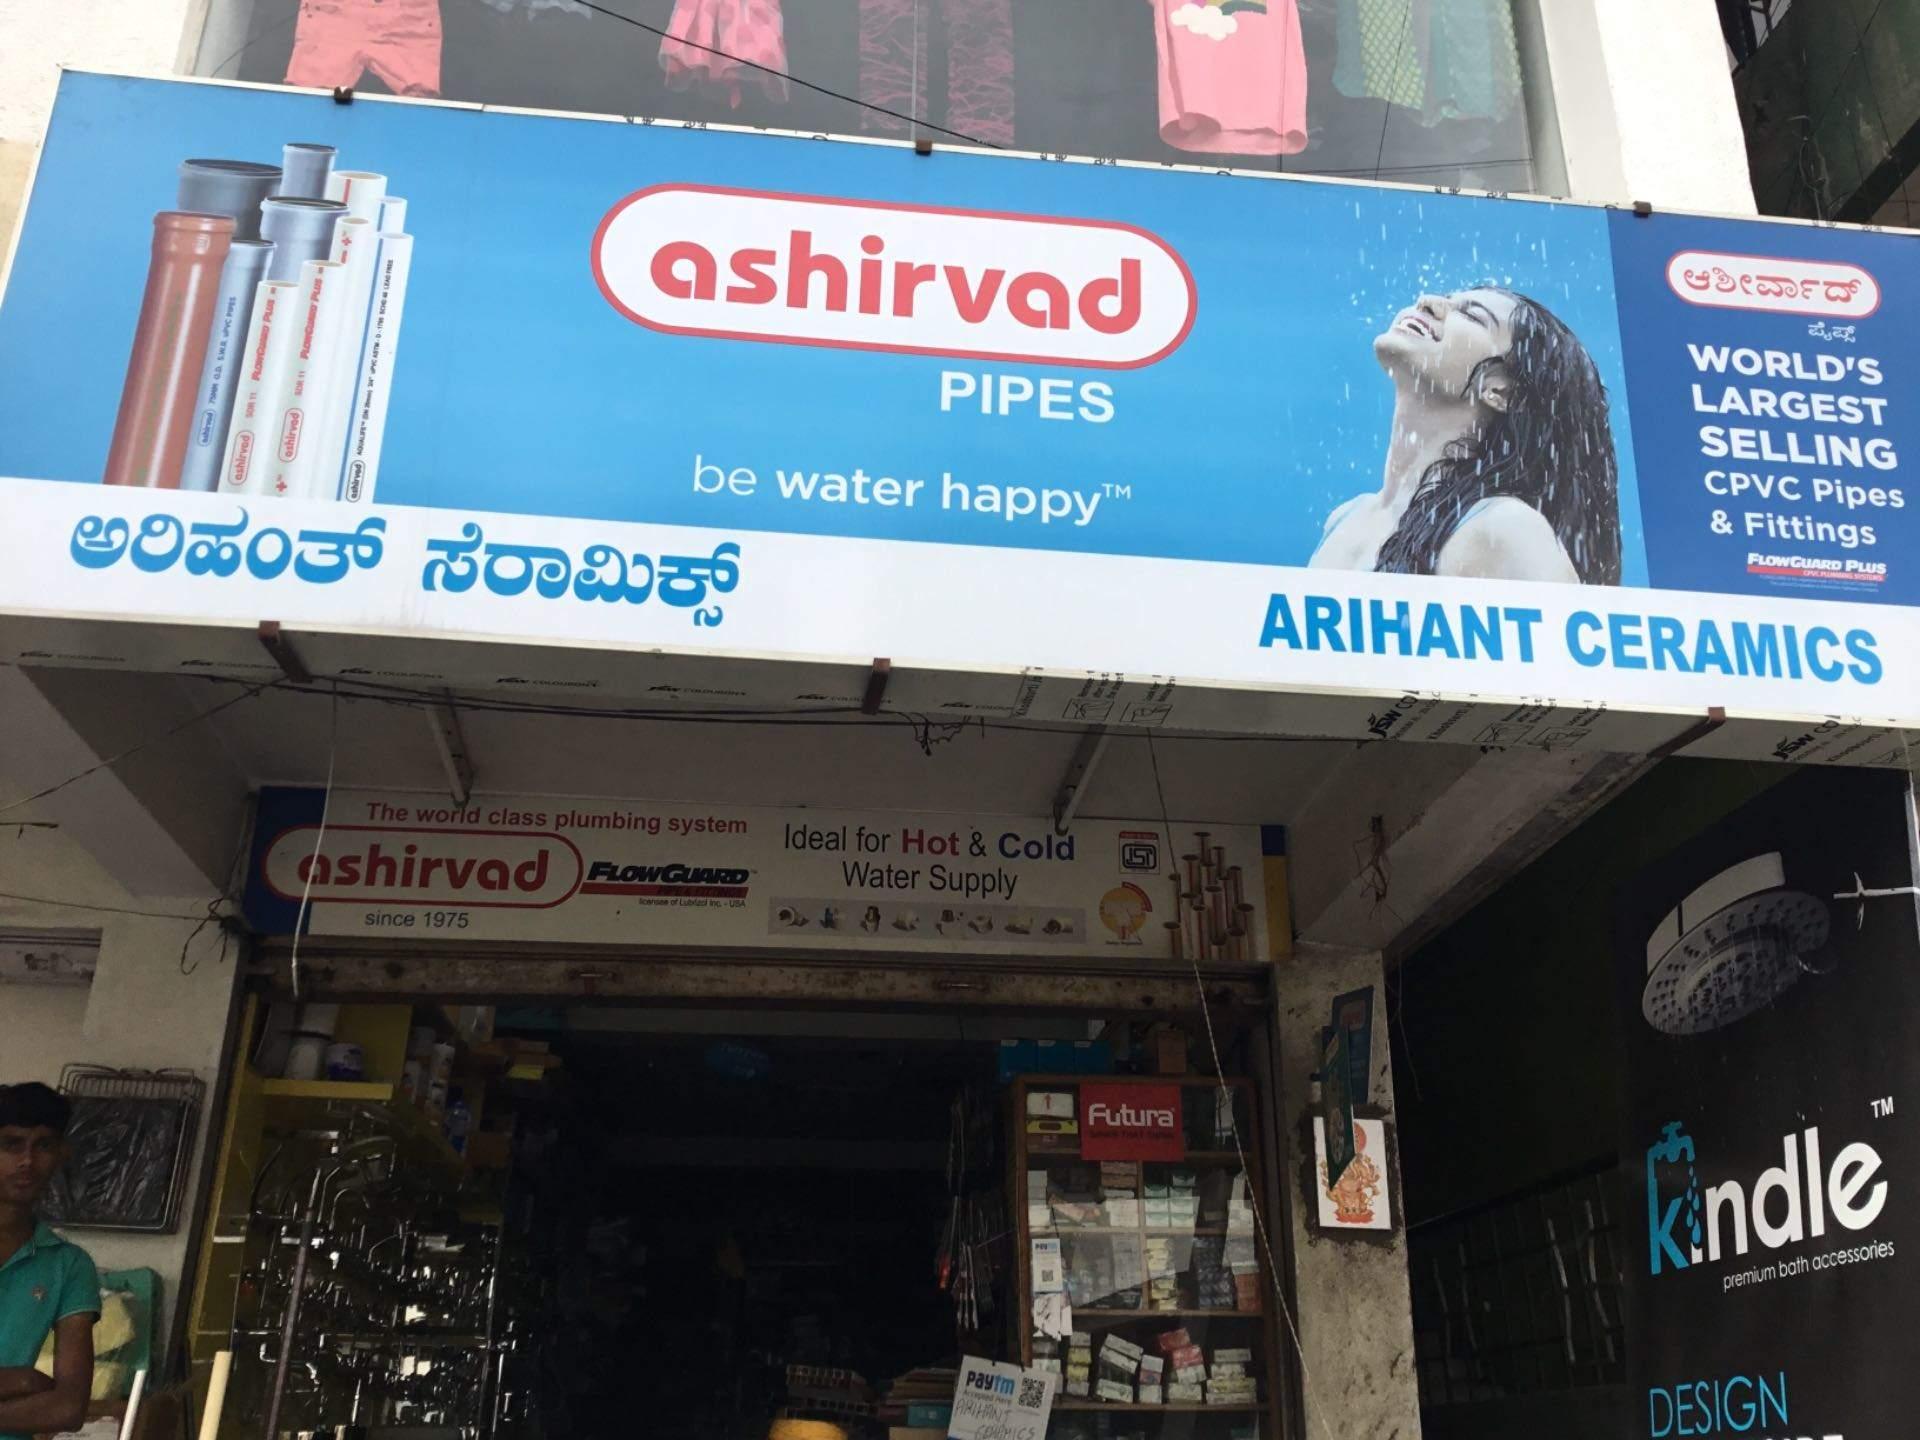 Arihant Ceramics Nagarbhavi   Tile Dealers in Bangalore   Justdial 1920x1440